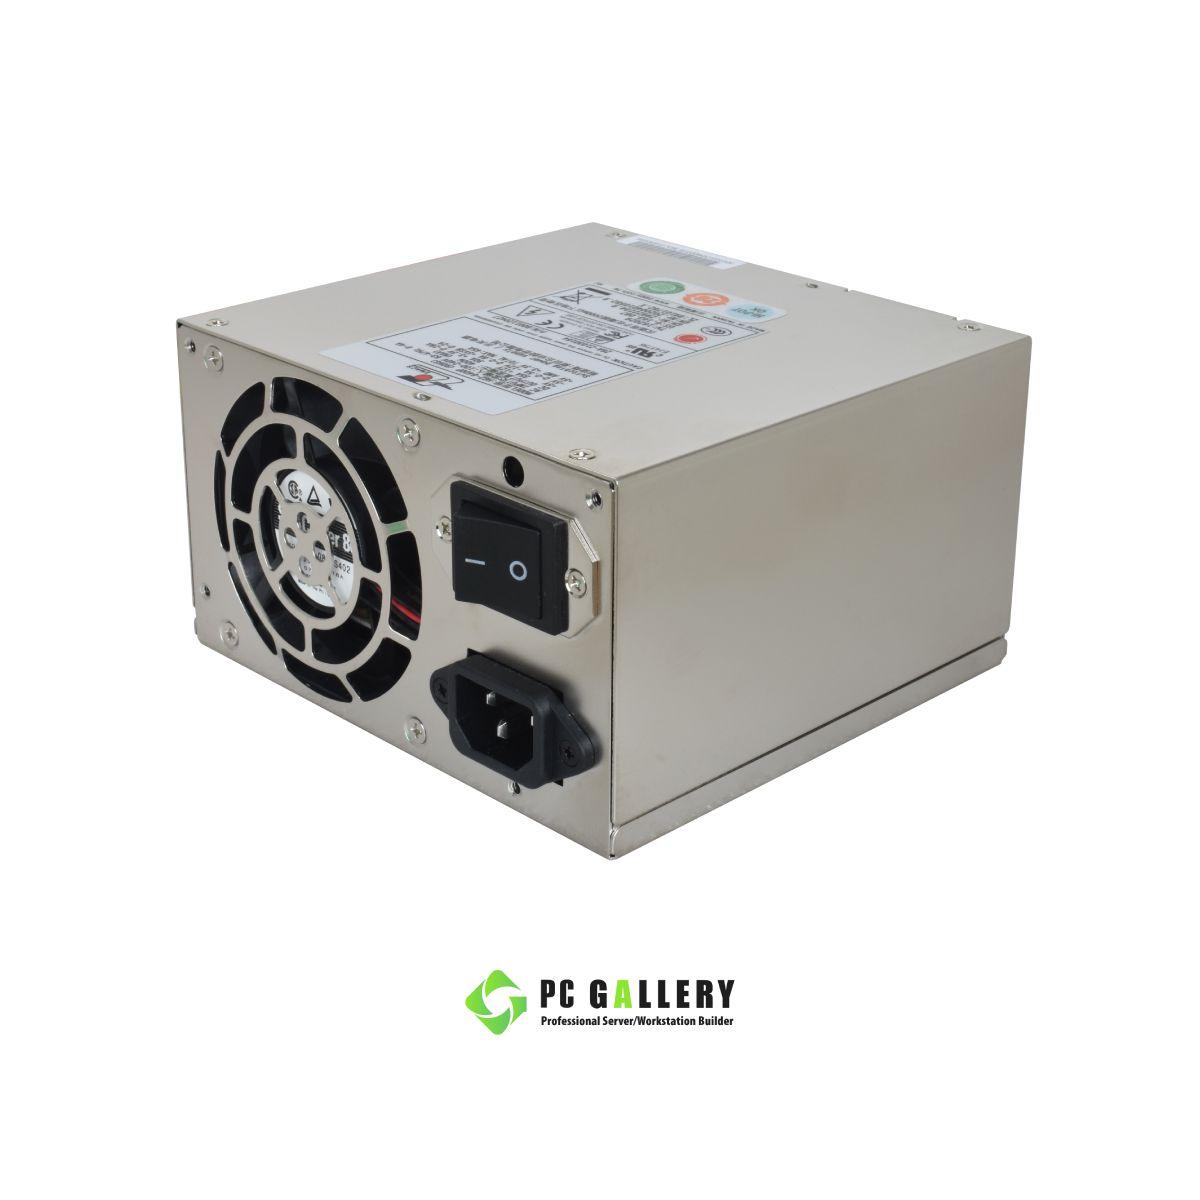 HG2-6400P-01